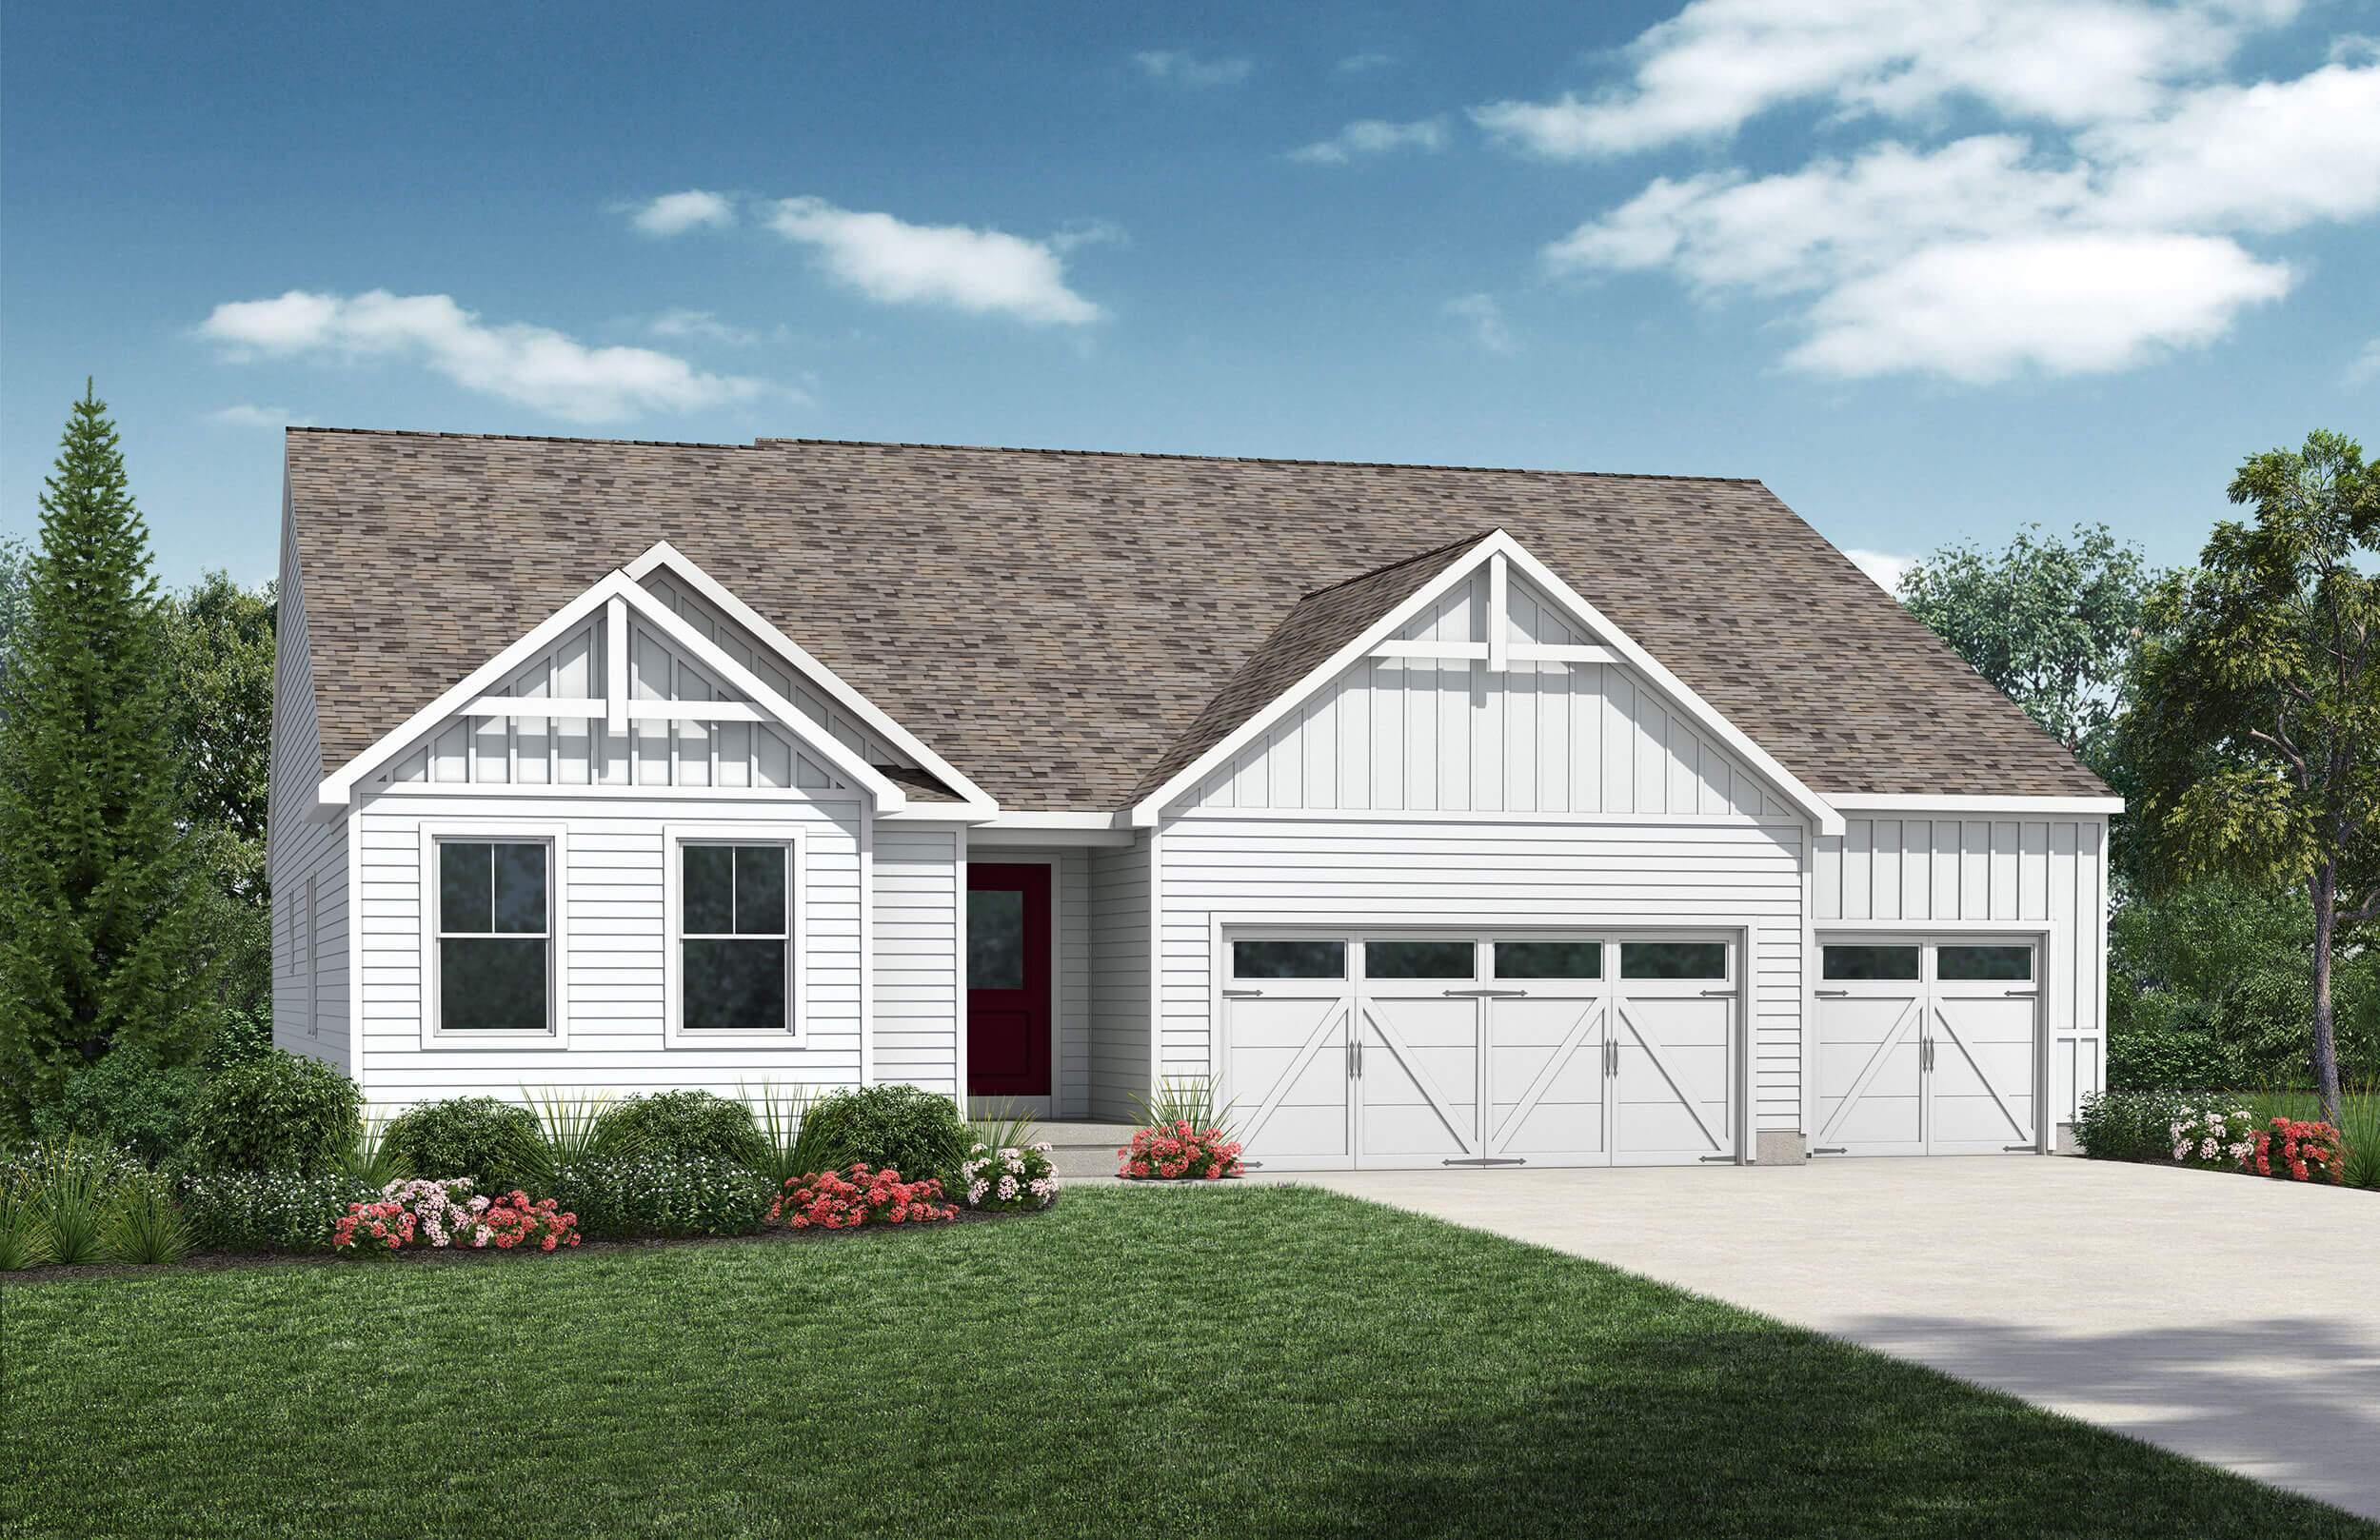 Sycamore II-Design-at-Weaver Ridge-in-Marysville